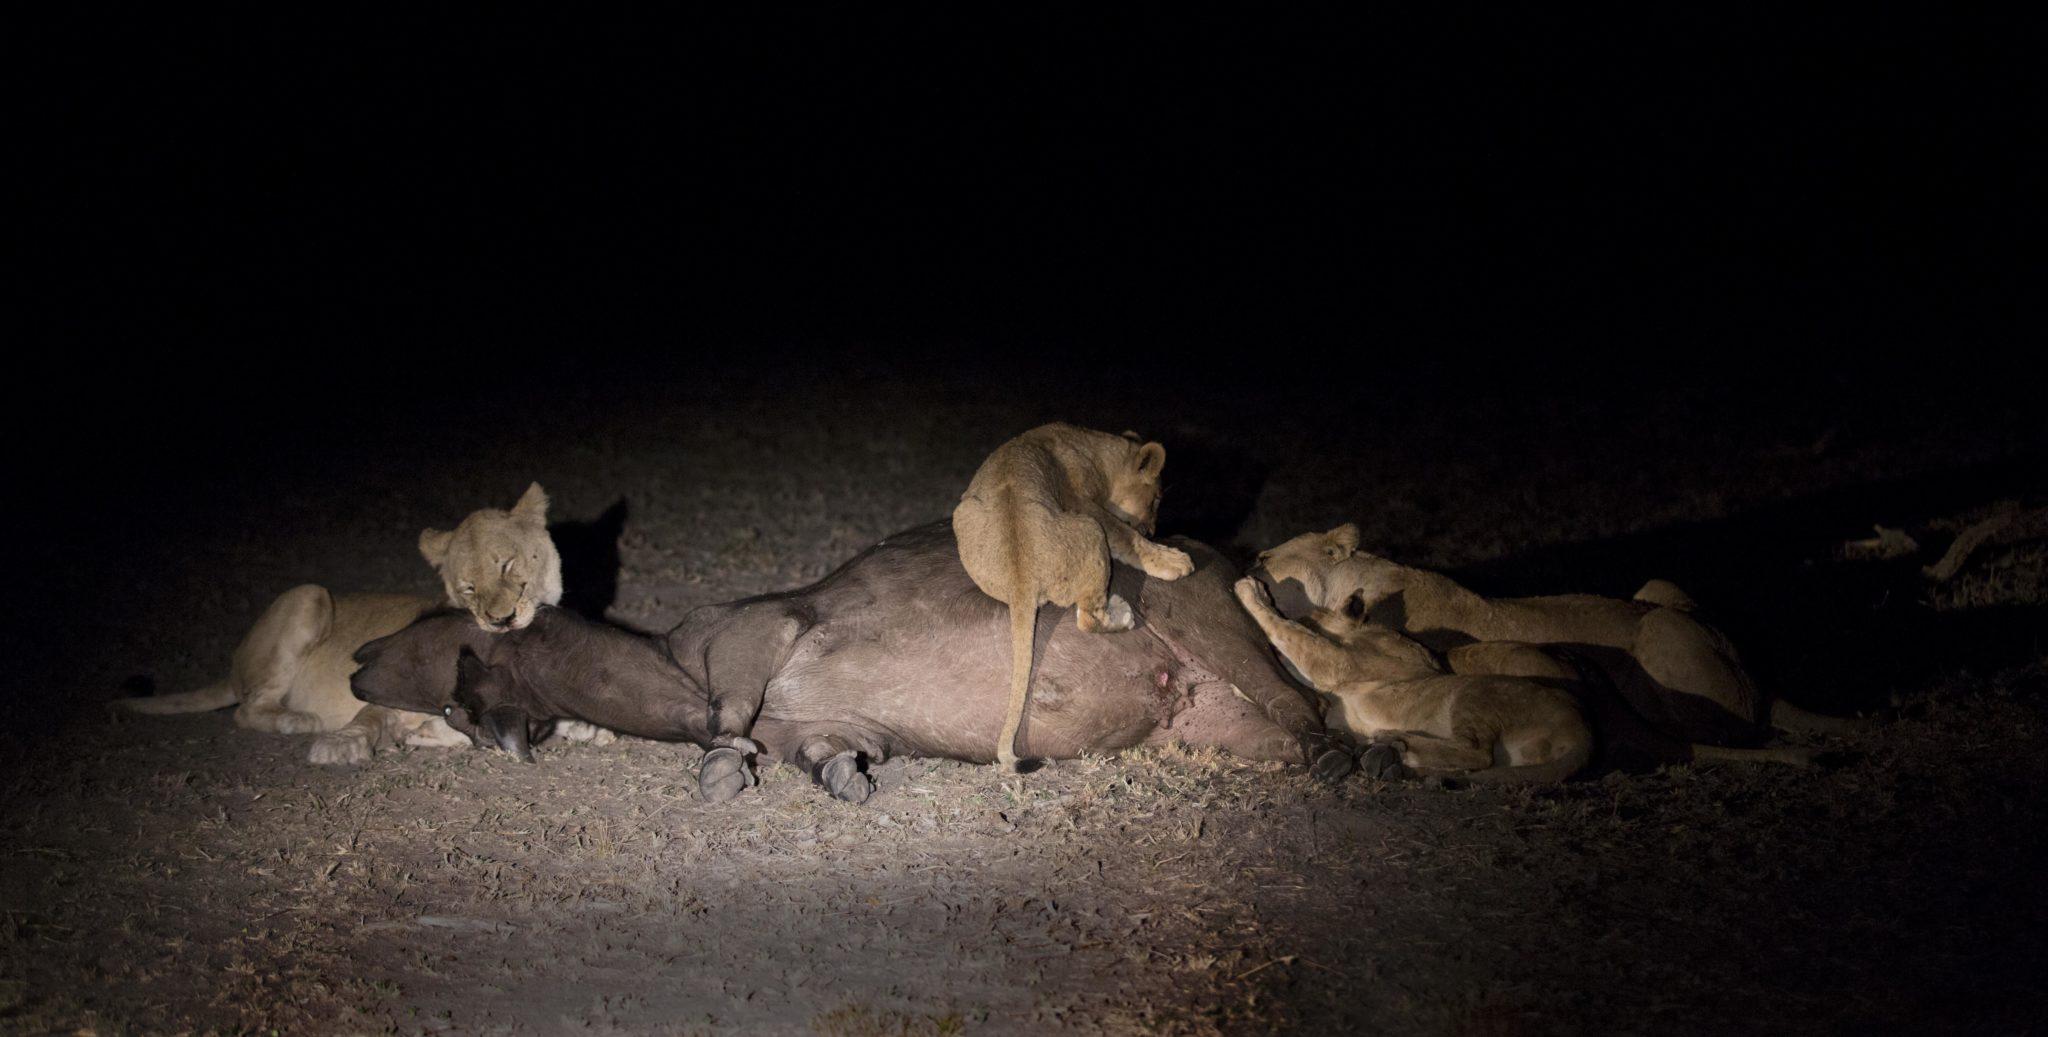 löwenjungen-sabi-sabi-sabi-kruger-nationalpark-südafrika-best-safari-büffel-kill